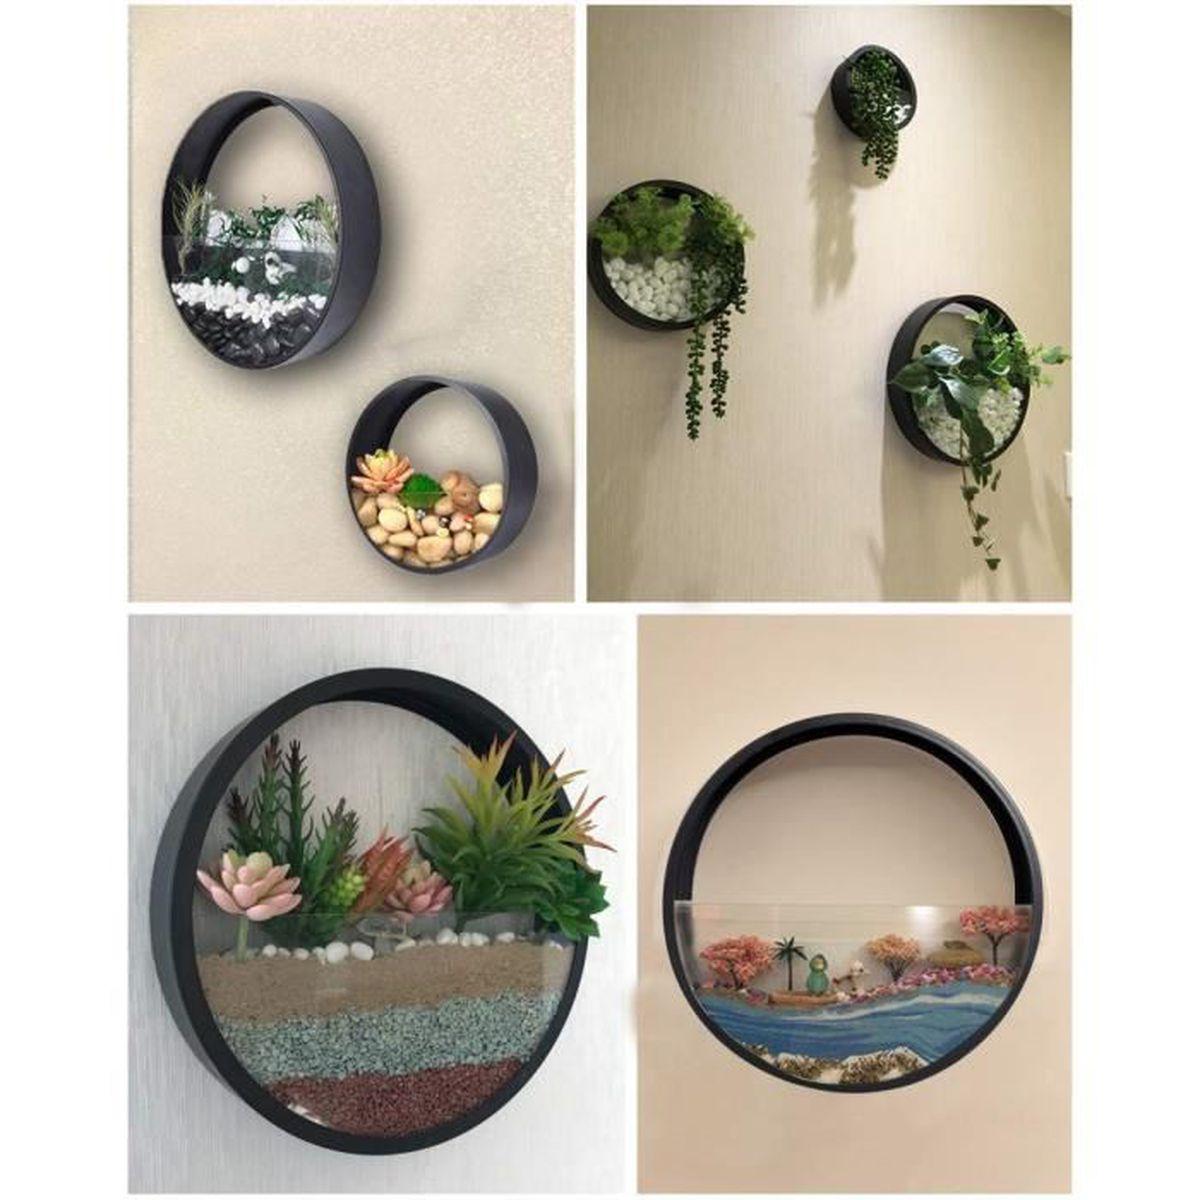 Jardinière À Suspendre Ikea mornbee vase à suspendre rond vase de jardinière succulente pots à fleurs  en métal plantes décoratives-cadeau ensemble de 3